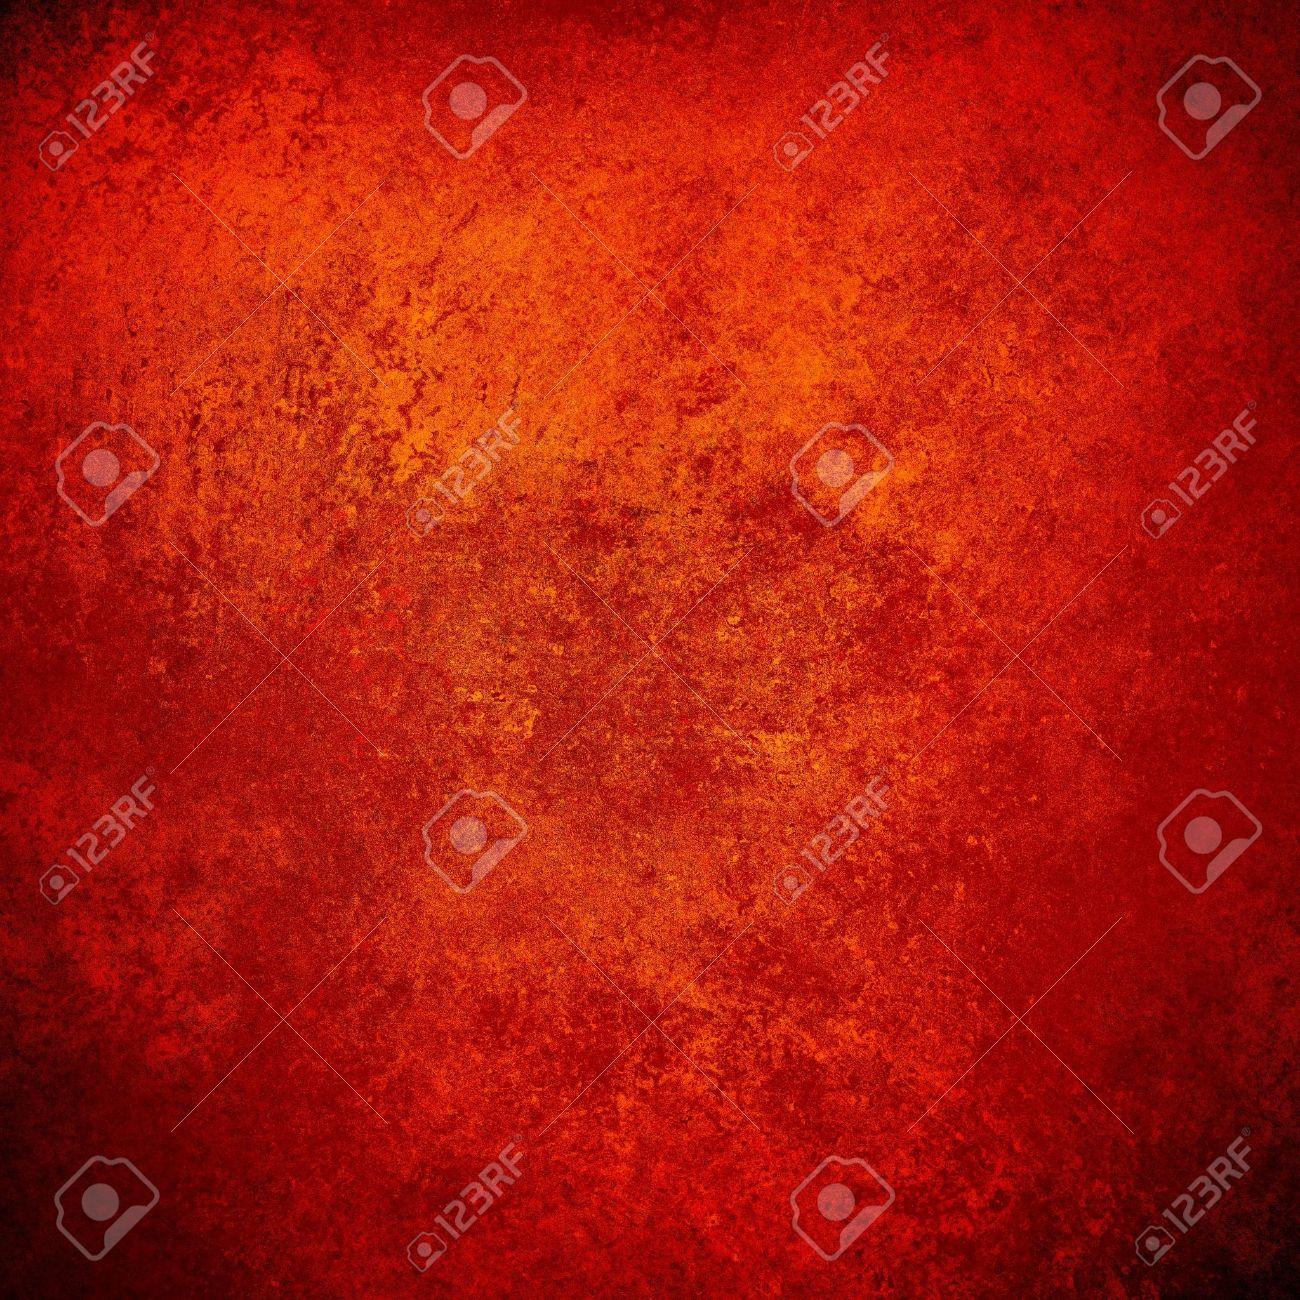 Résumé Orange Fond D Or Couleurs Chaudes Des Coins Noirs Grunge Texture De Fond De Conception De Détresse éponge Rêche Cru Chute Automne Halloween